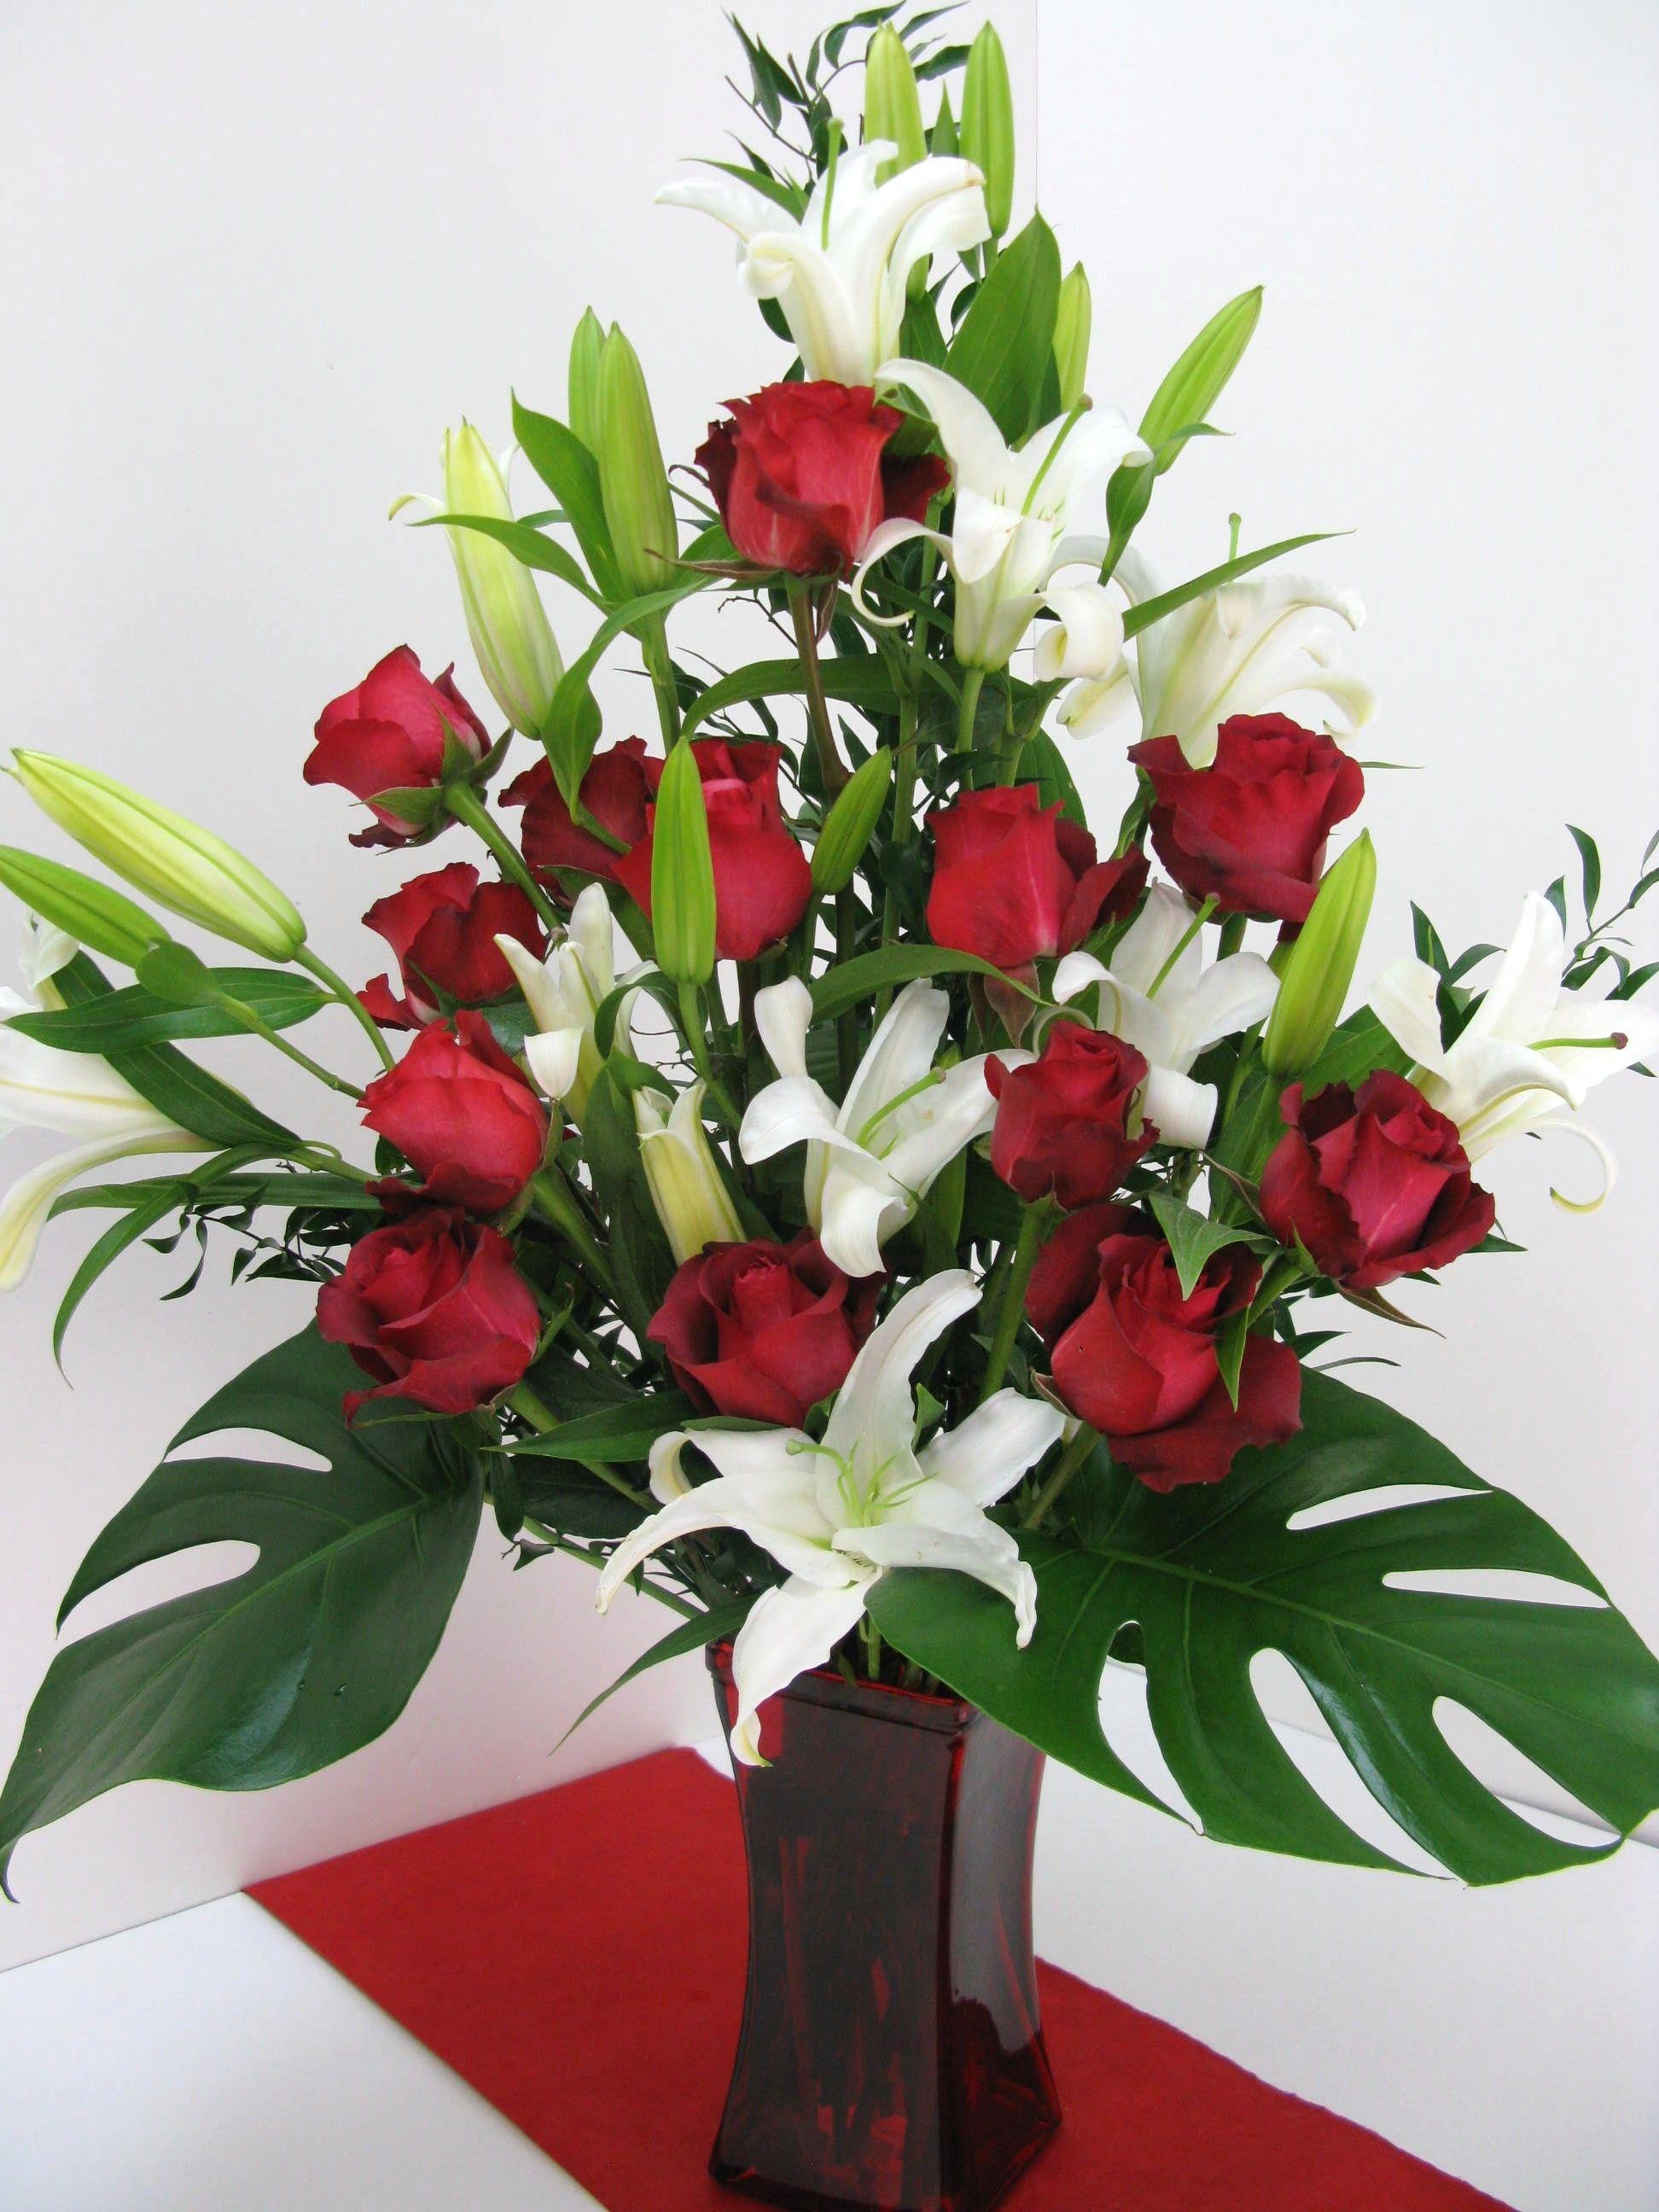 In Love With You in Miami, FL Yosvi White flower